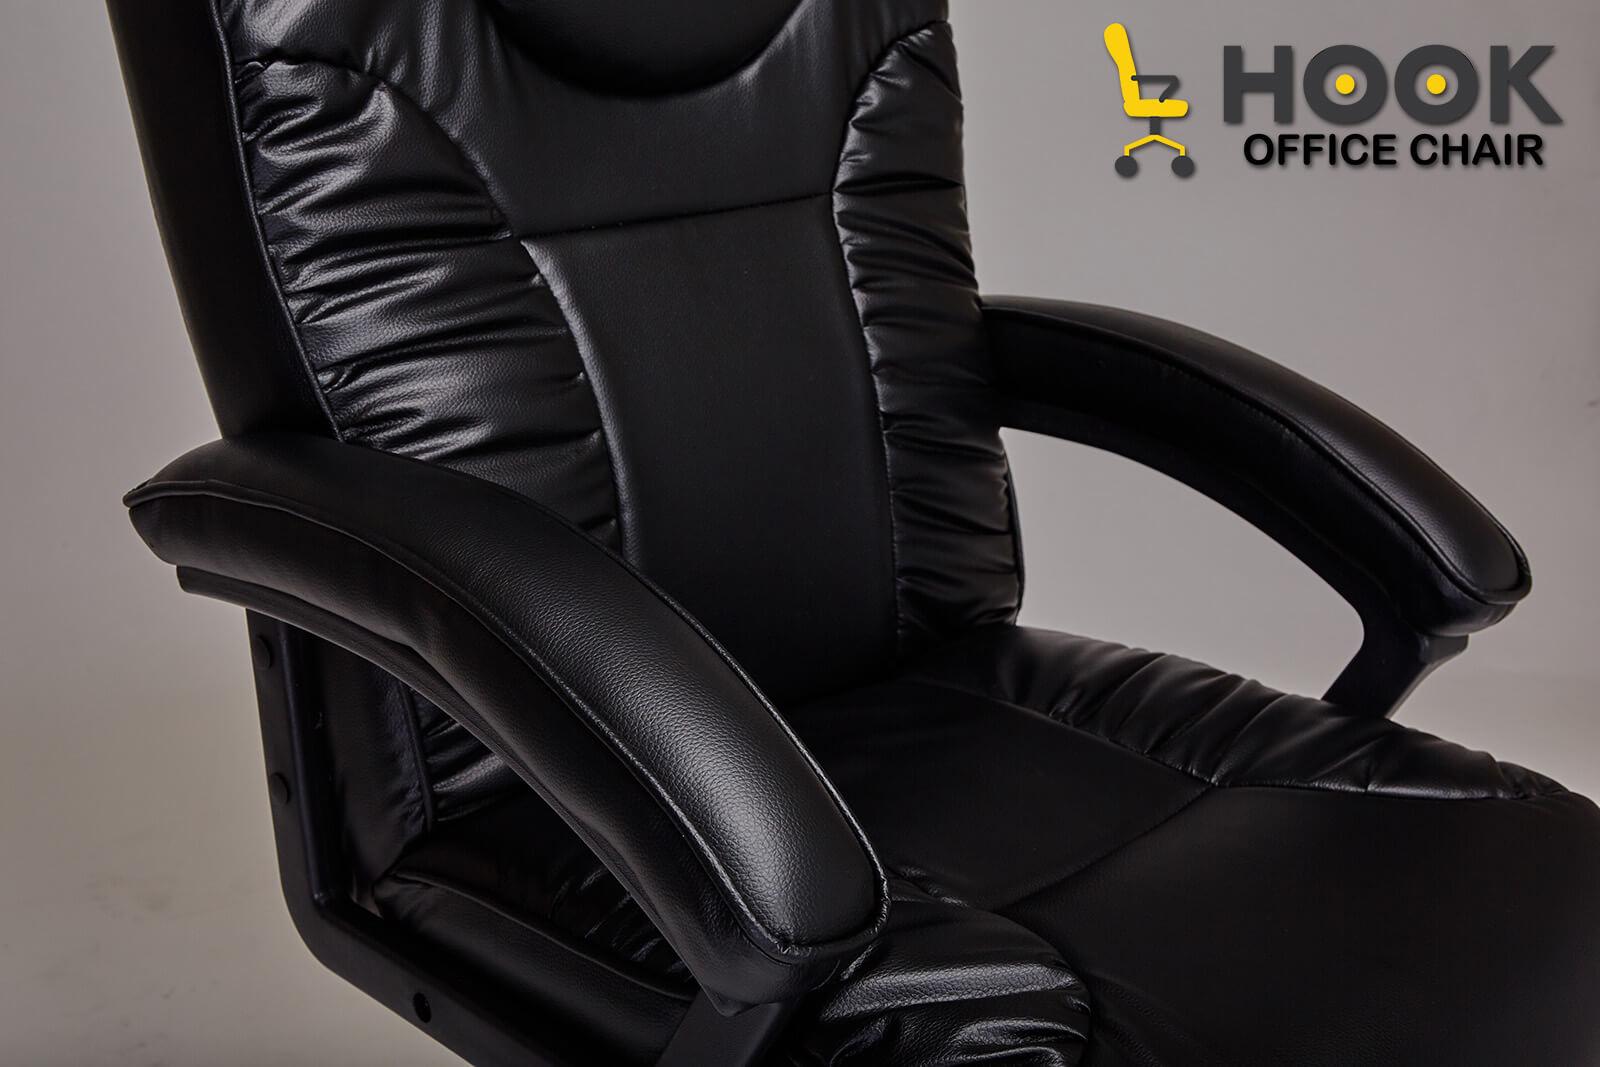 เก้าอี้ผู้บริหาร เก้าอี้สำนักงาน รุ่น H06-008